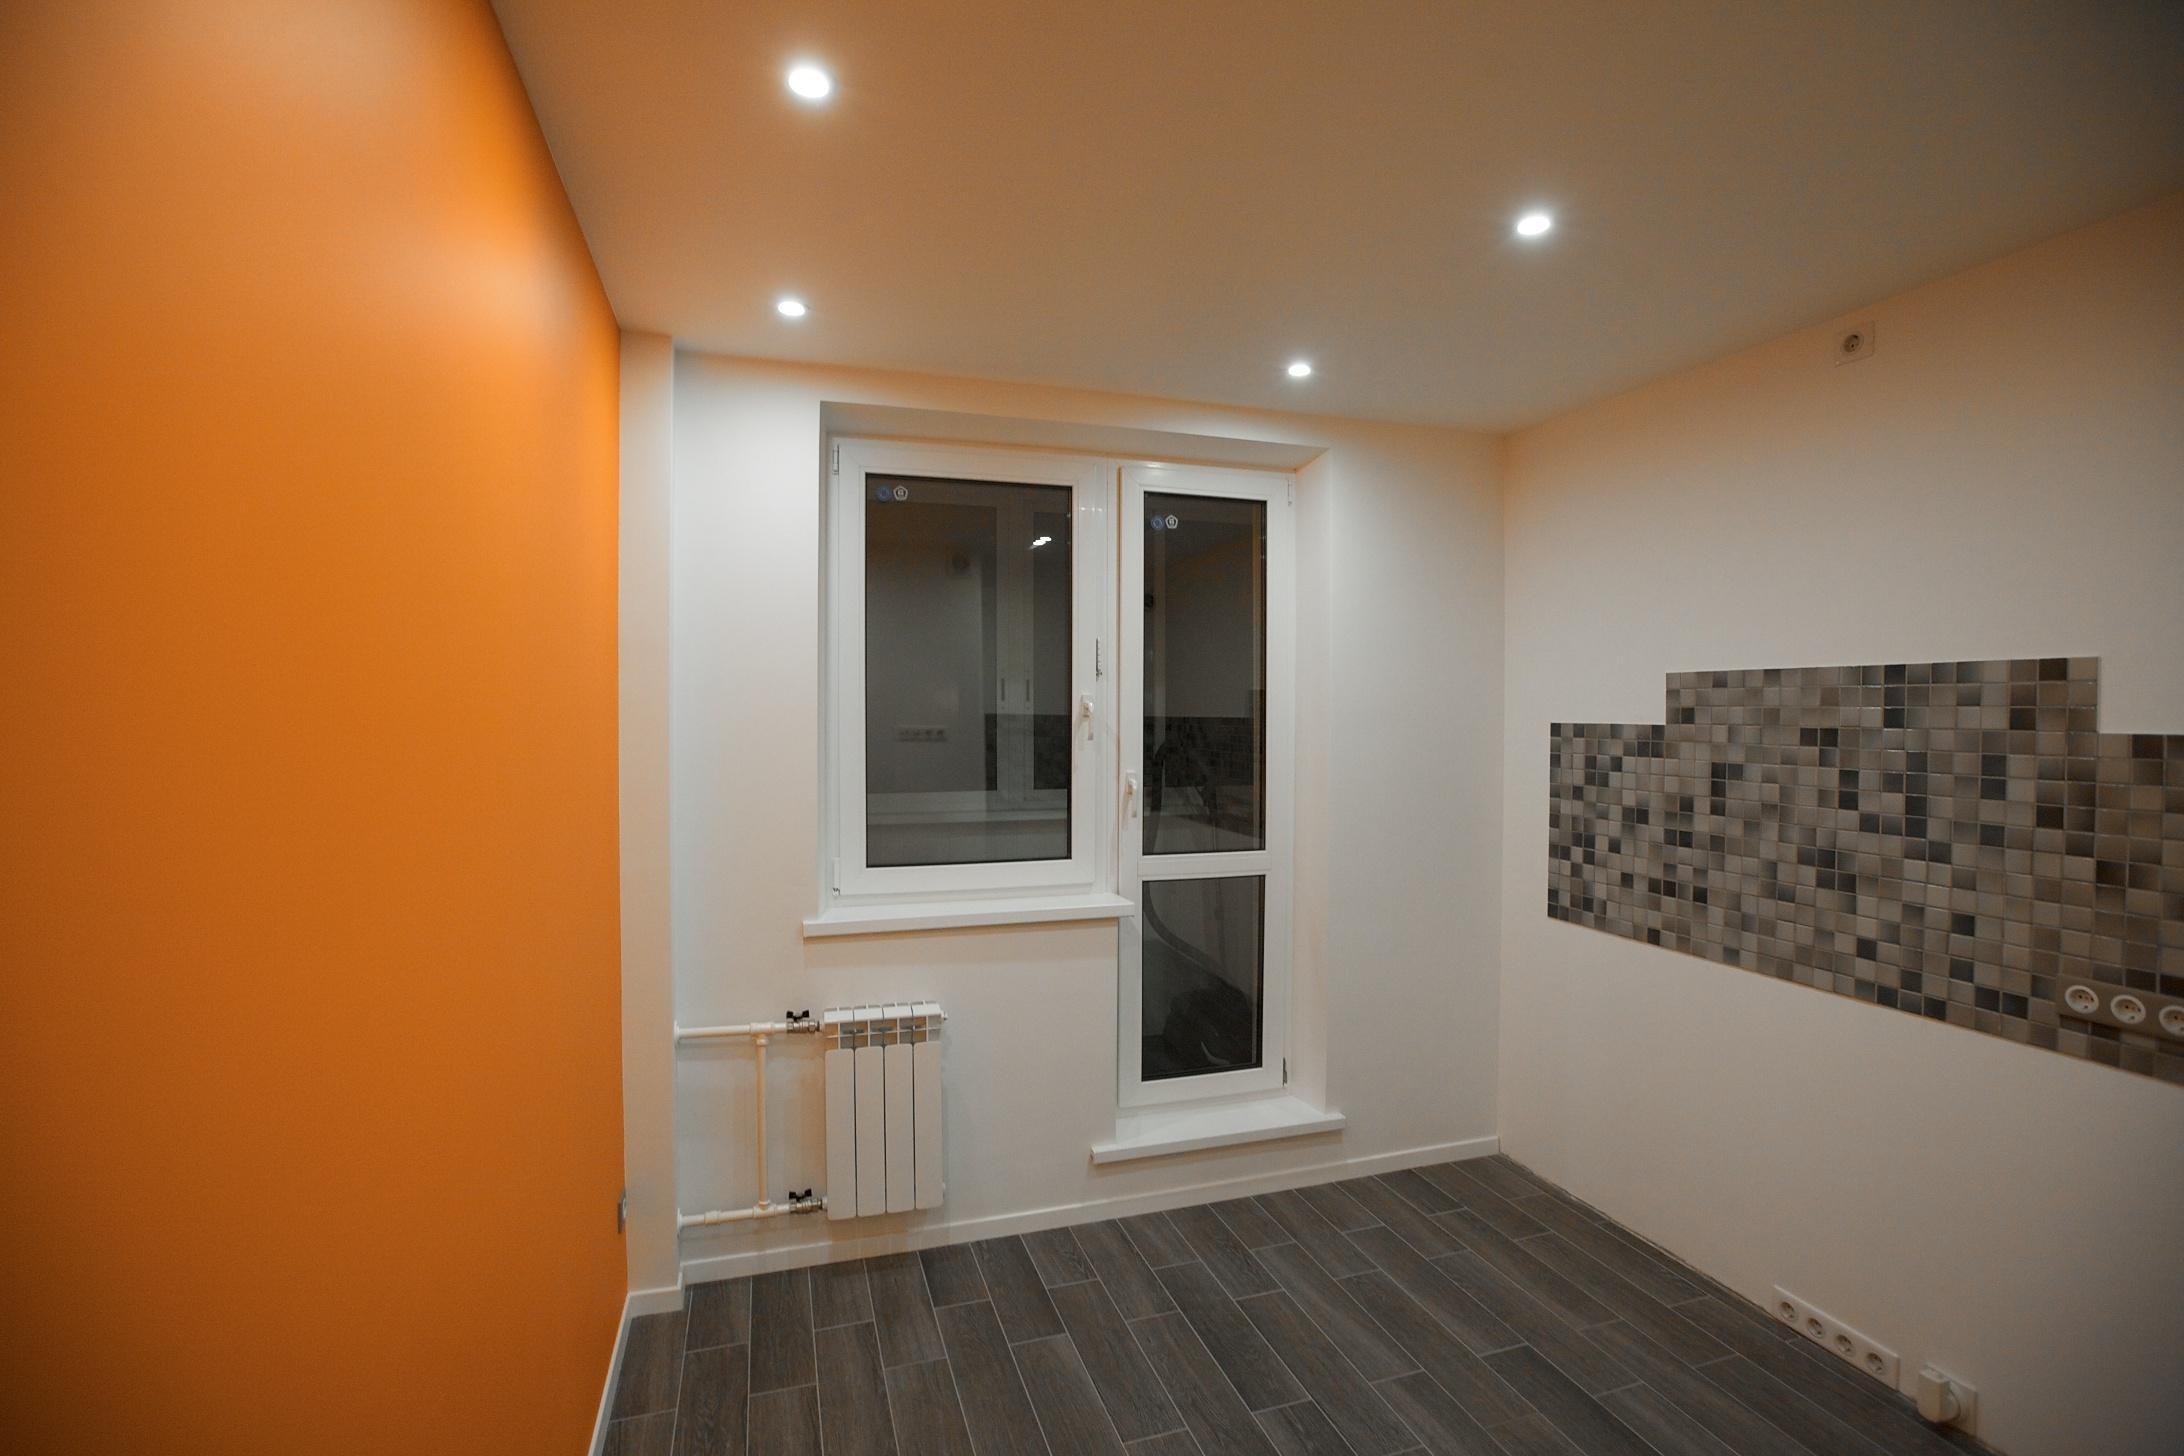 ремонт квартиры 1+1 фото